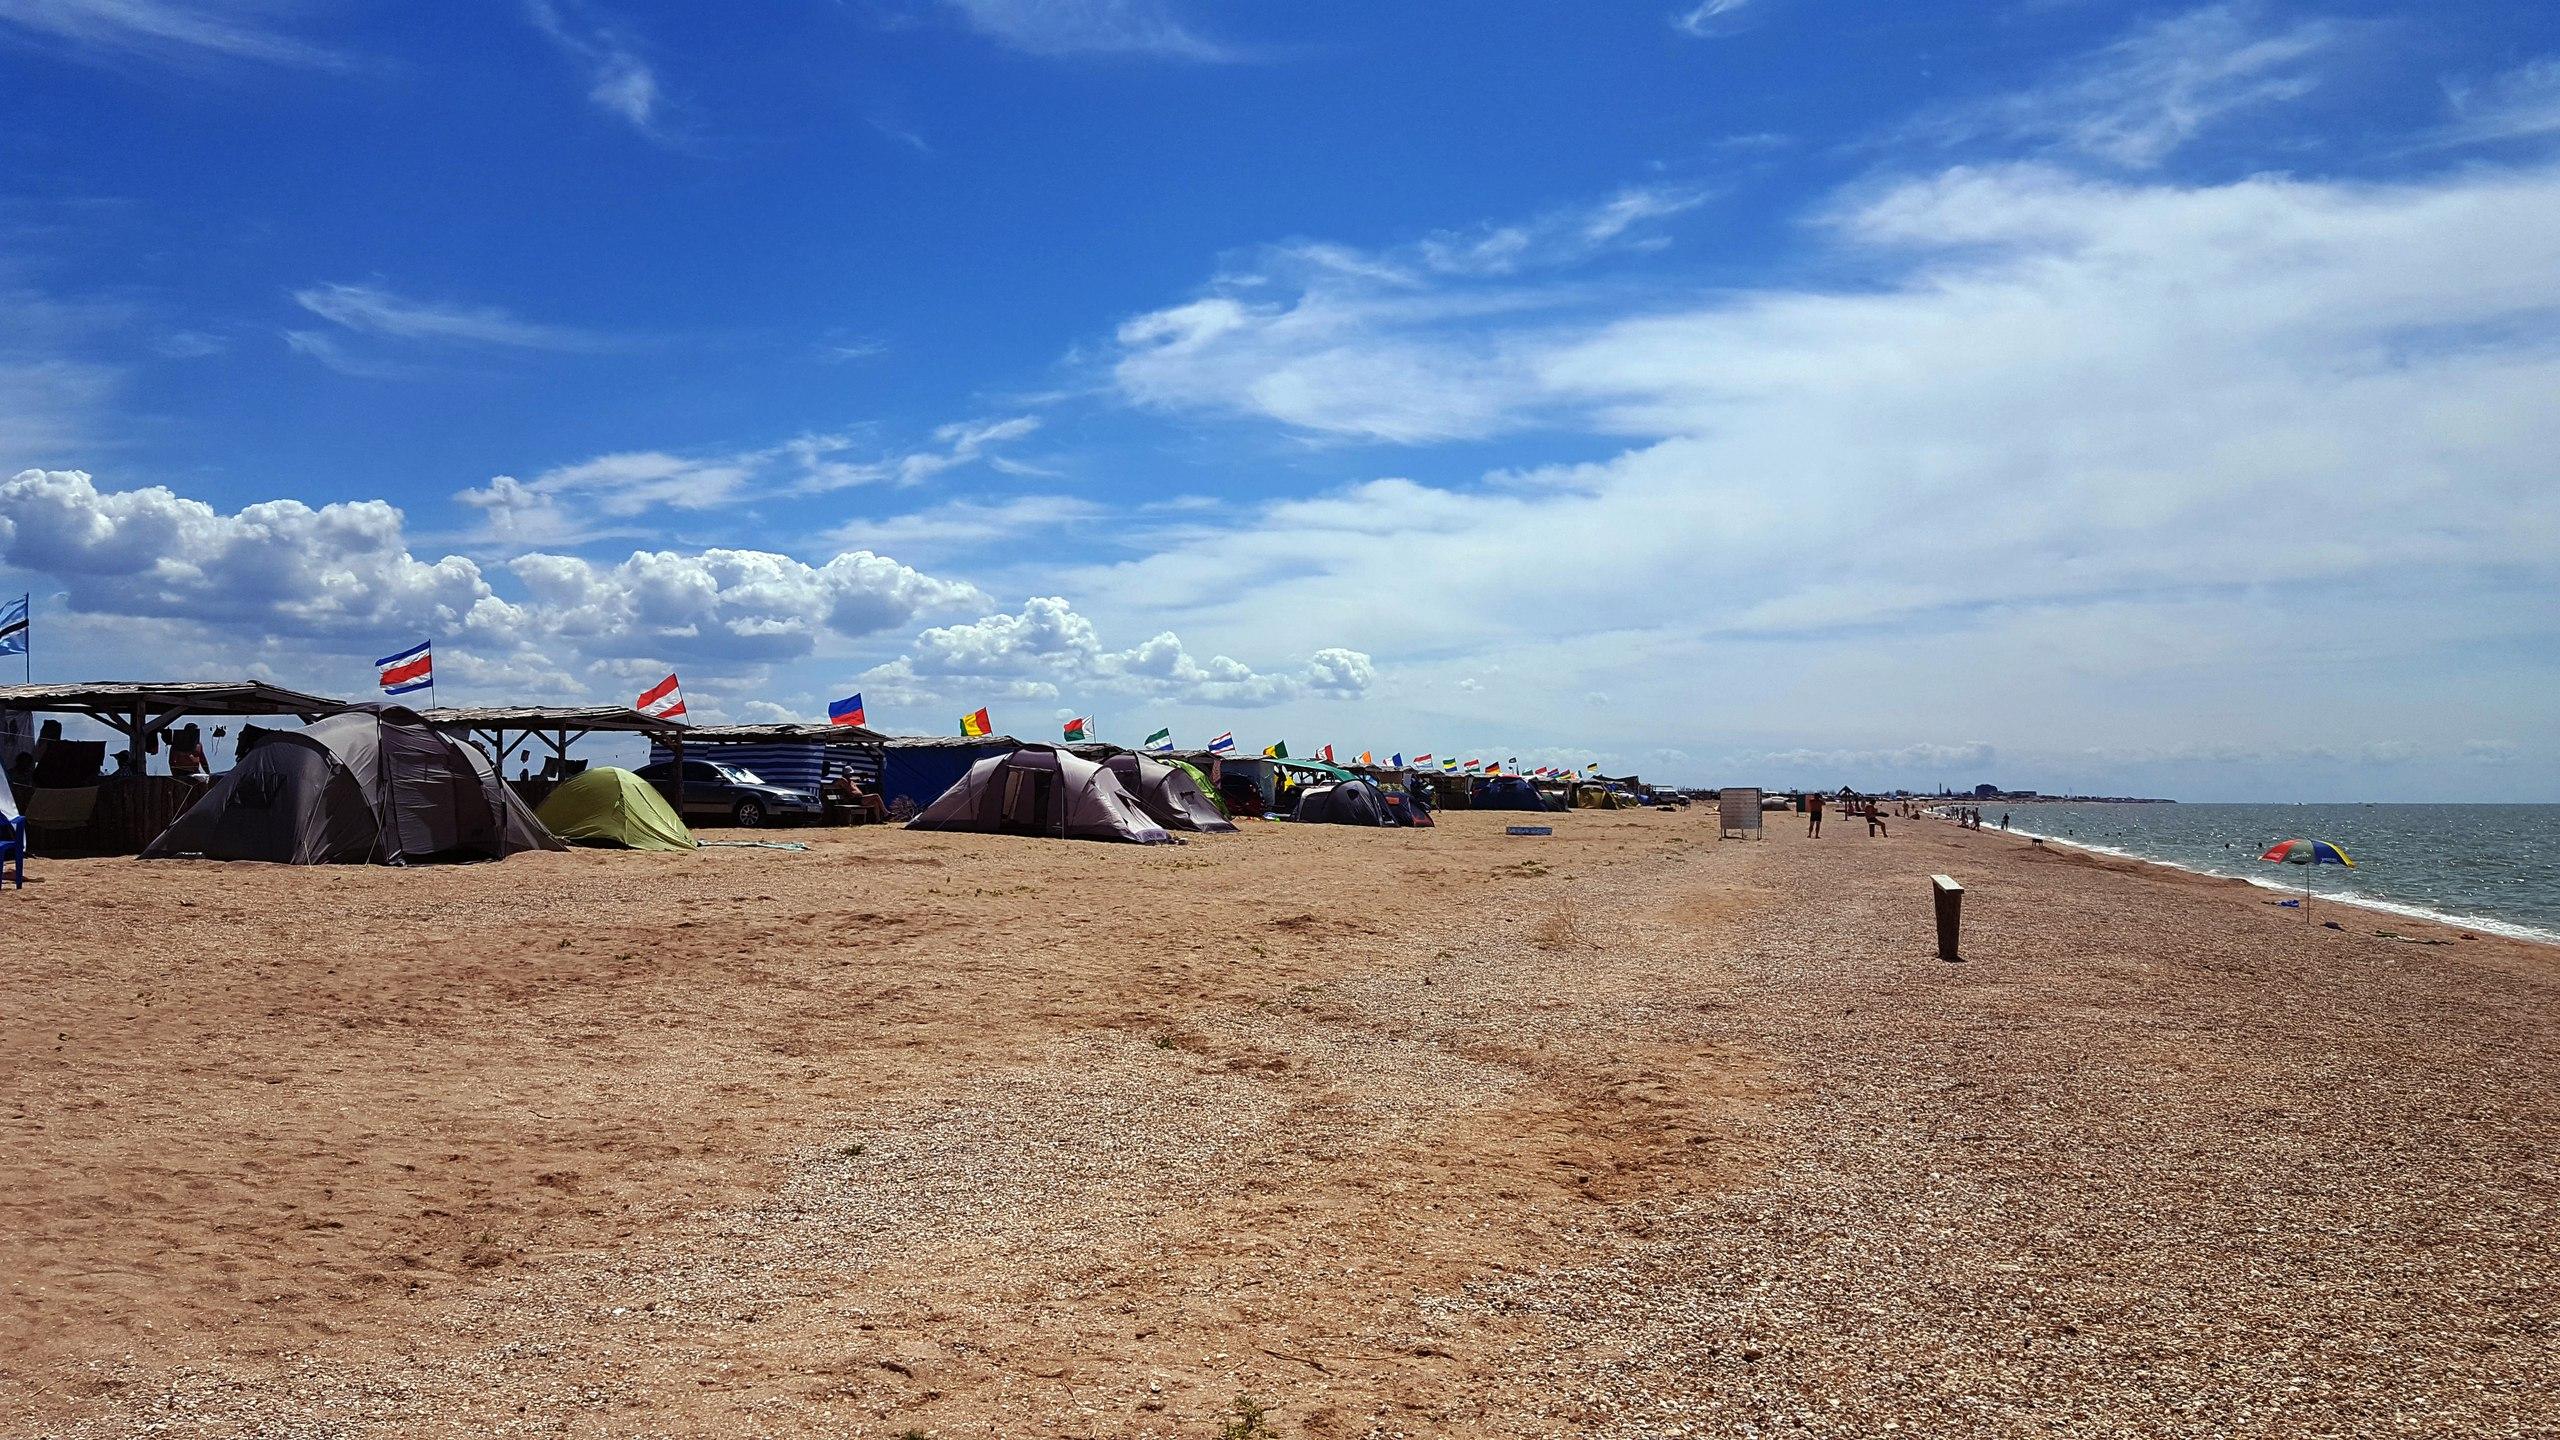 тут пляж шуры муры должанская фото теперь продолжила марафон